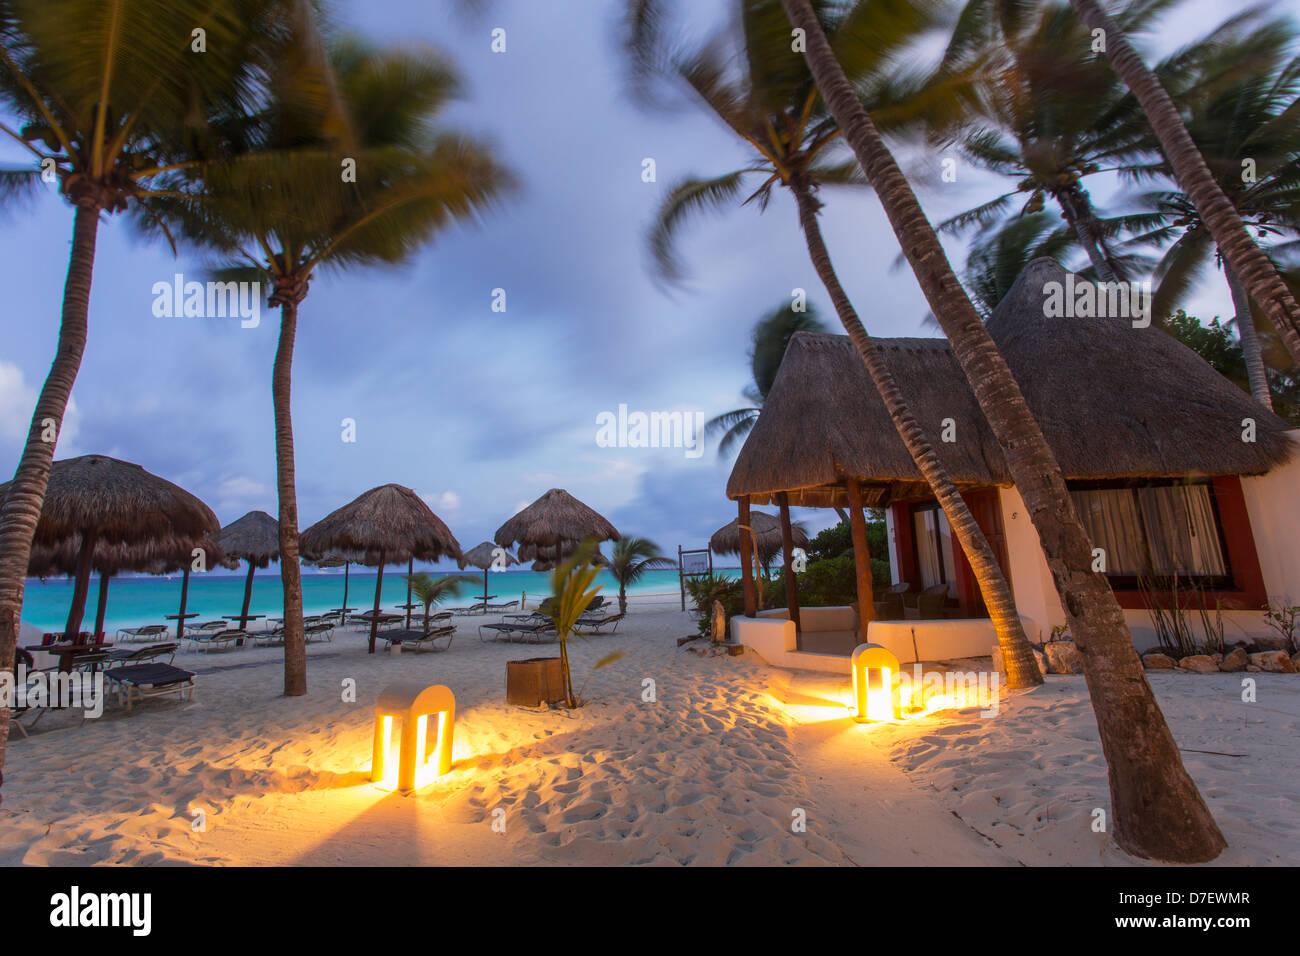 Alojamiento de estilo cabaña en la playa, rodeado de palmeras al amanecer Imagen De Stock